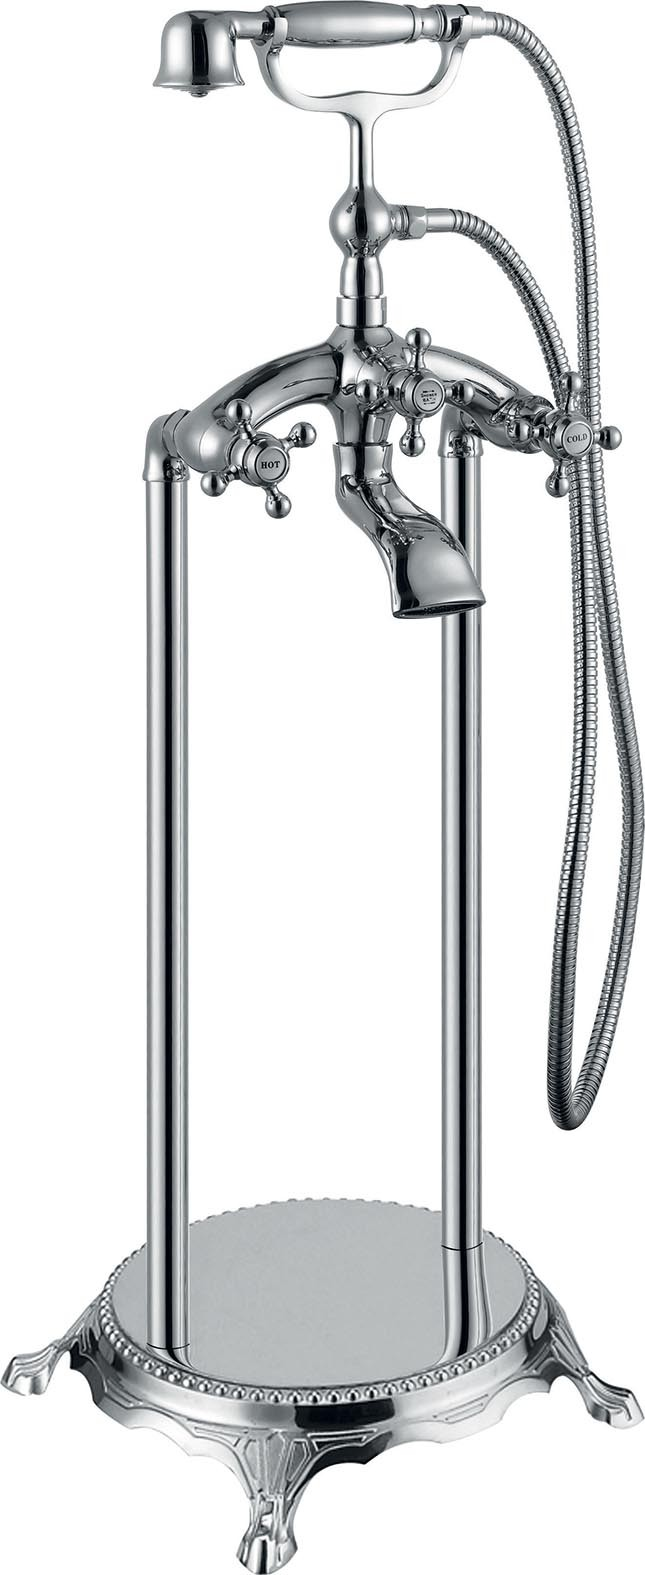 Rubinetteria a colonna per vasca da bagno freestanding buon prezzo : rubinetti da bagno : Design